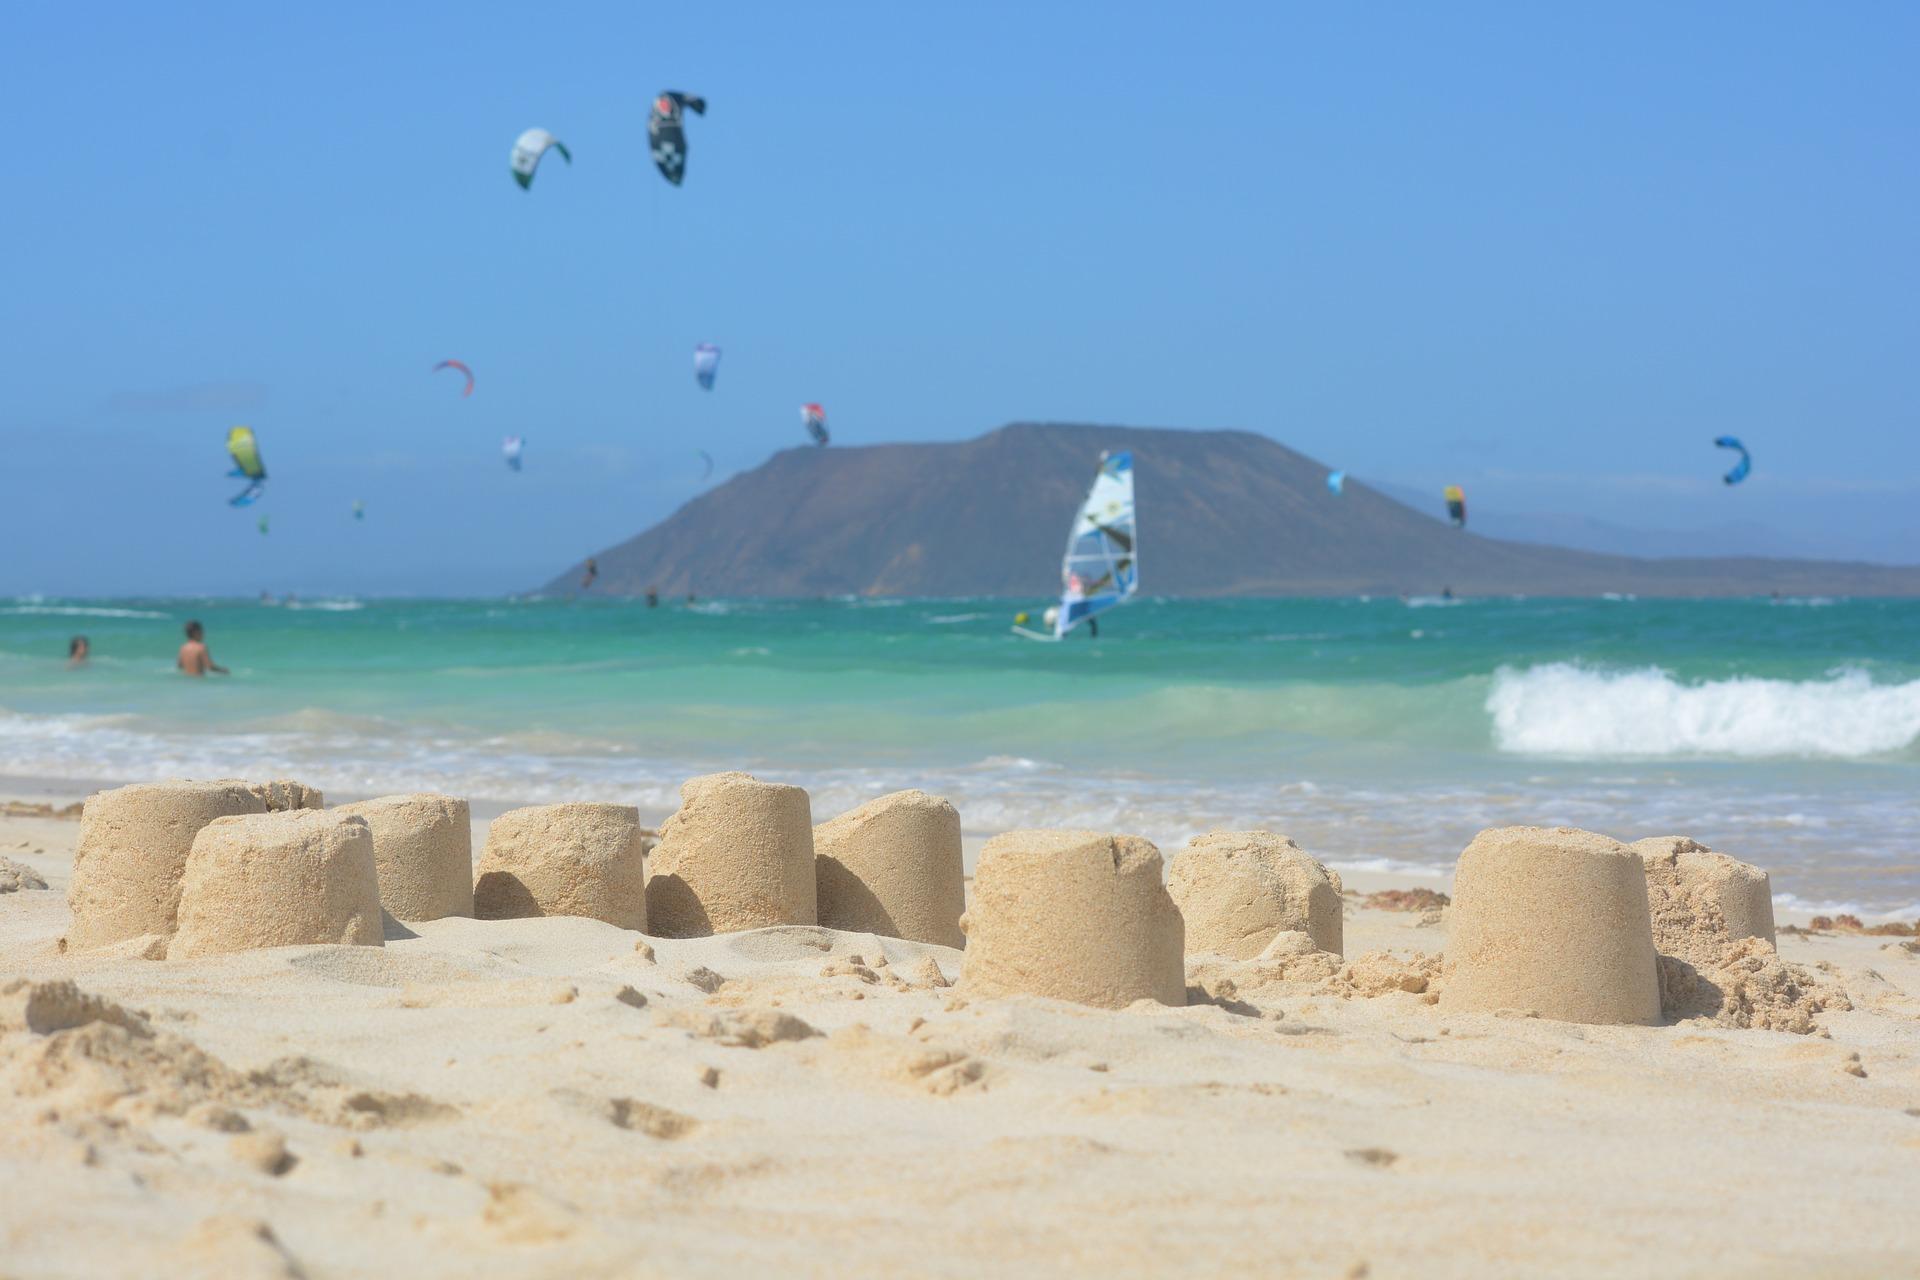 Das Wassersport Angebot auf der Insel auf den Kanaren ist wirklich sehr gefragt